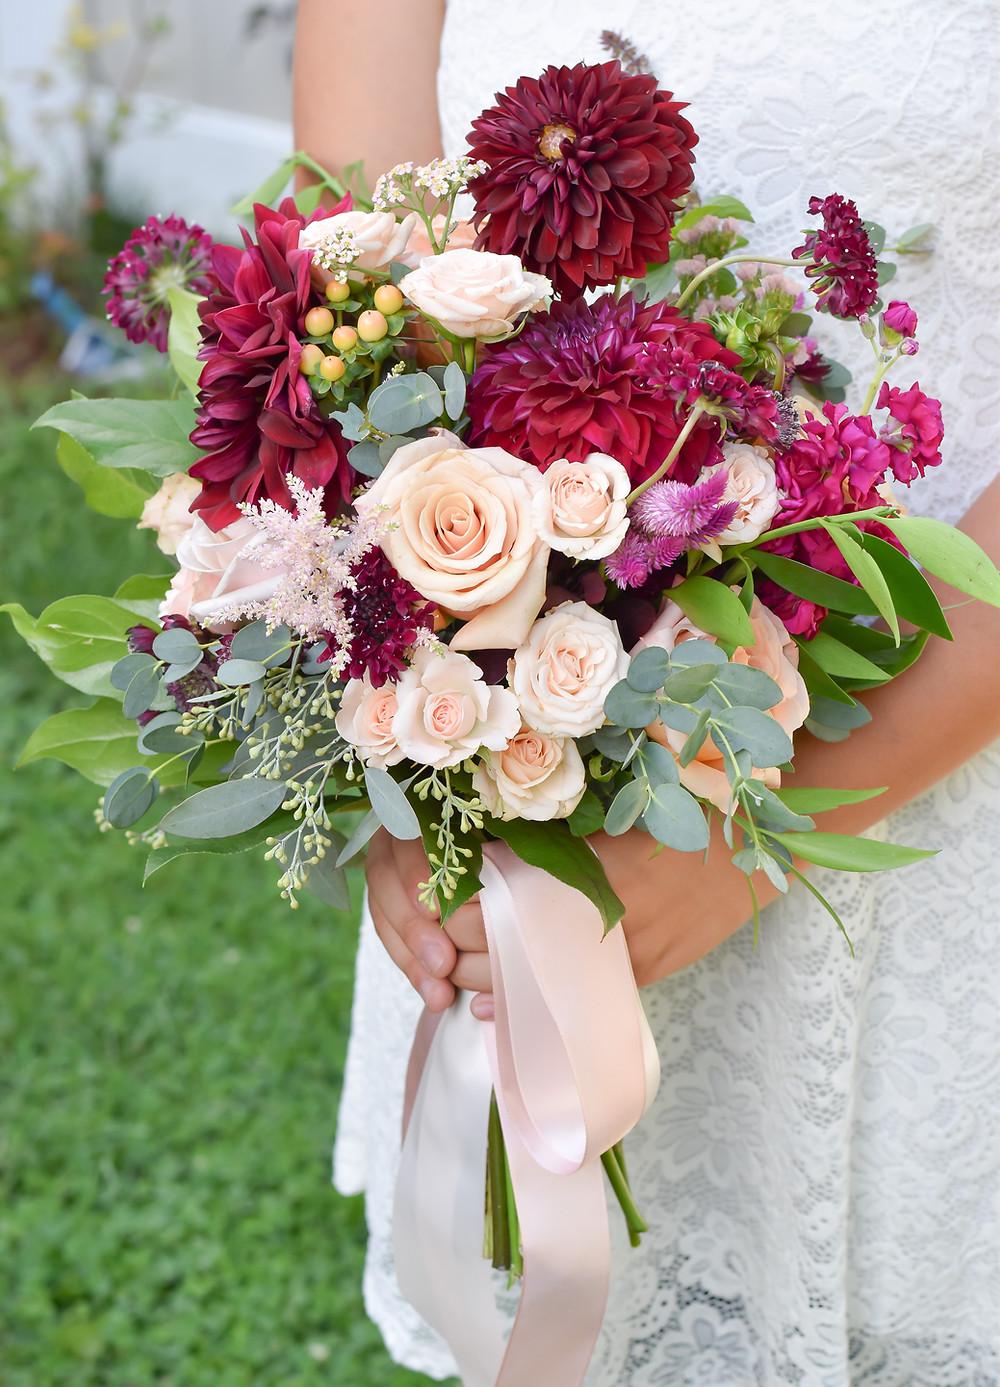 NJ Wedding Florist | Burgundy and blush wedding